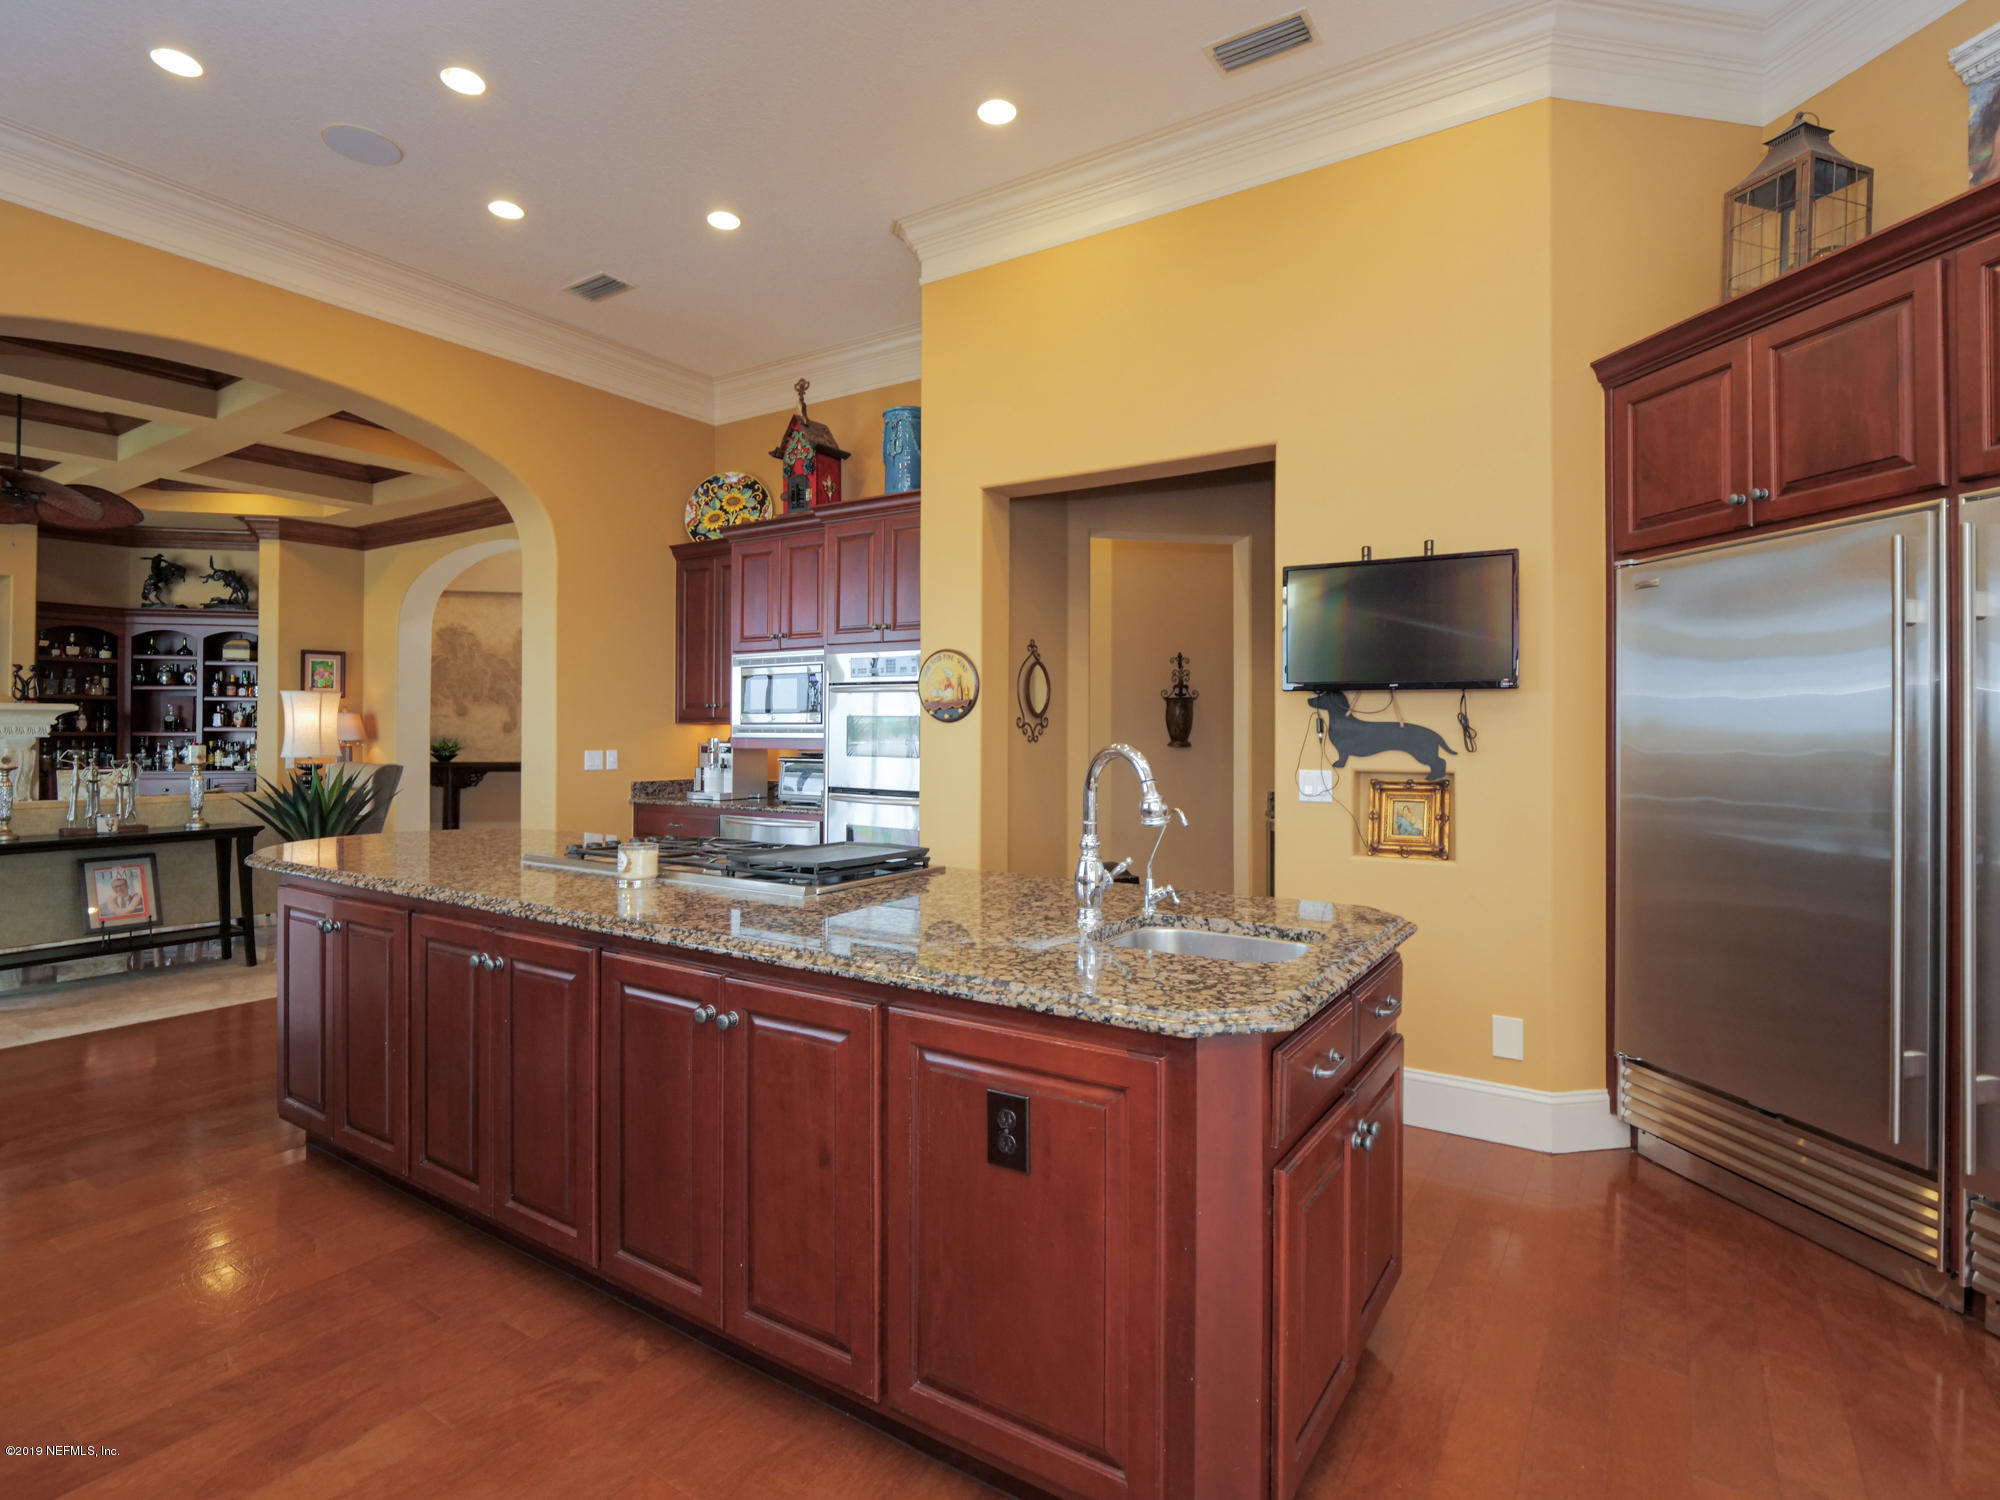 1297 DELFINO, JACKSONVILLE, FLORIDA 32225, 9 Bedrooms Bedrooms, ,9 BathroomsBathrooms,Residential,For sale,DELFINO,1020939